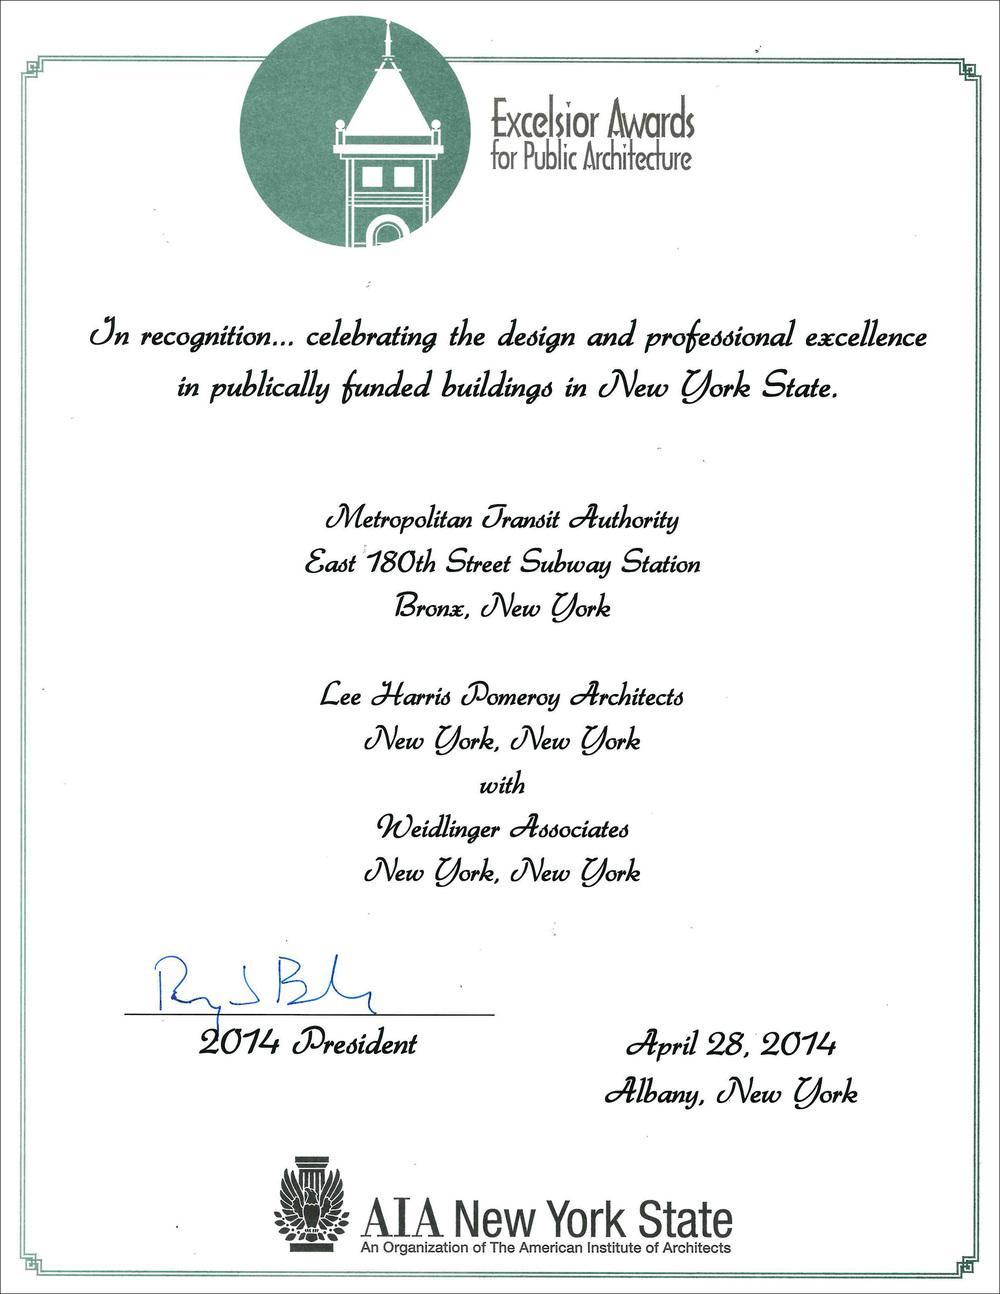 2014 AIA NYS Excelsior Award E 180 St